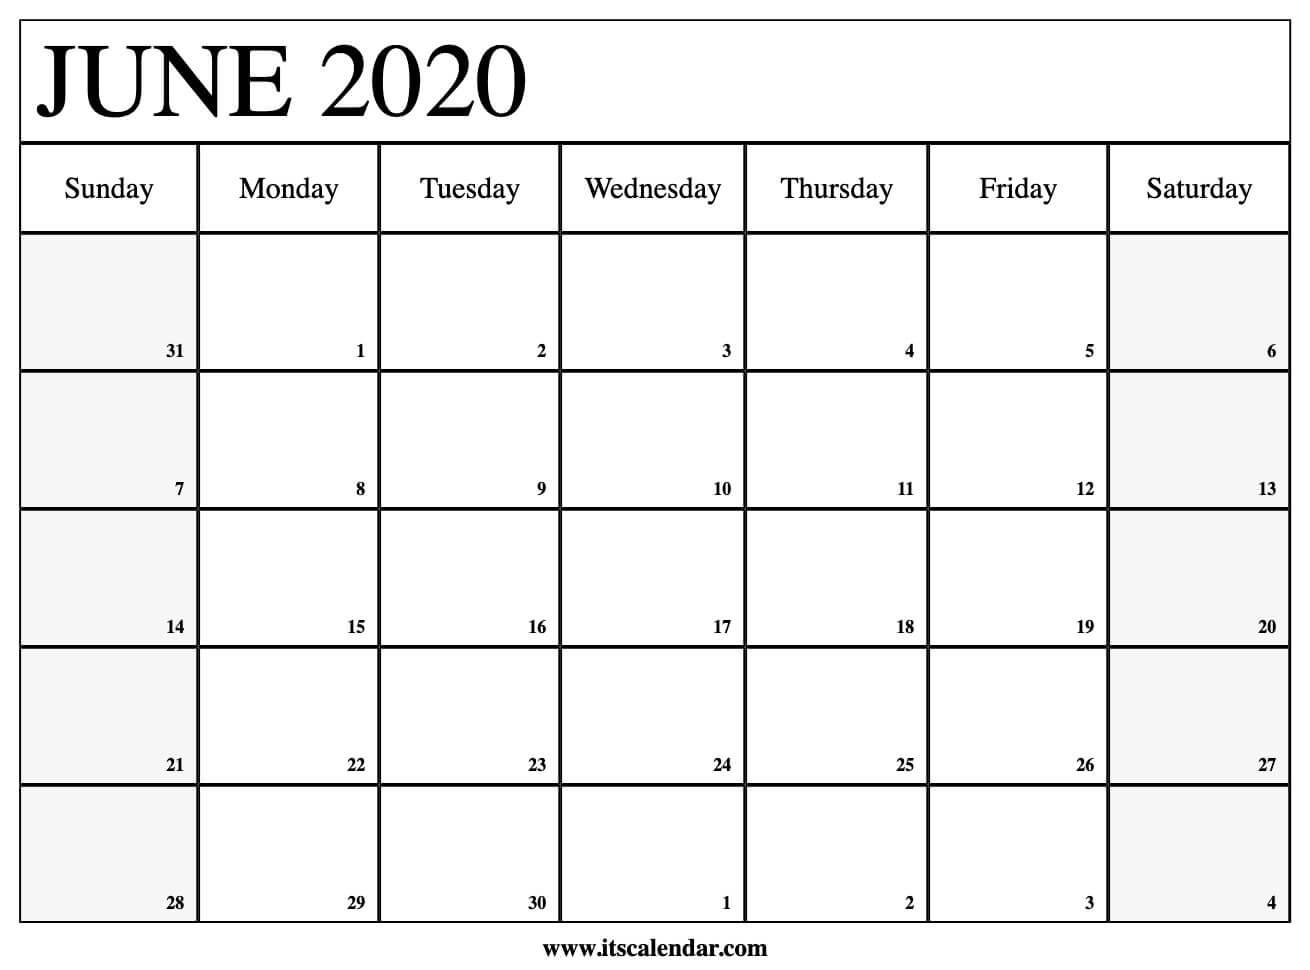 Free Printable June 2020 Calendar in 2020 Liturgical Calendar June 2020